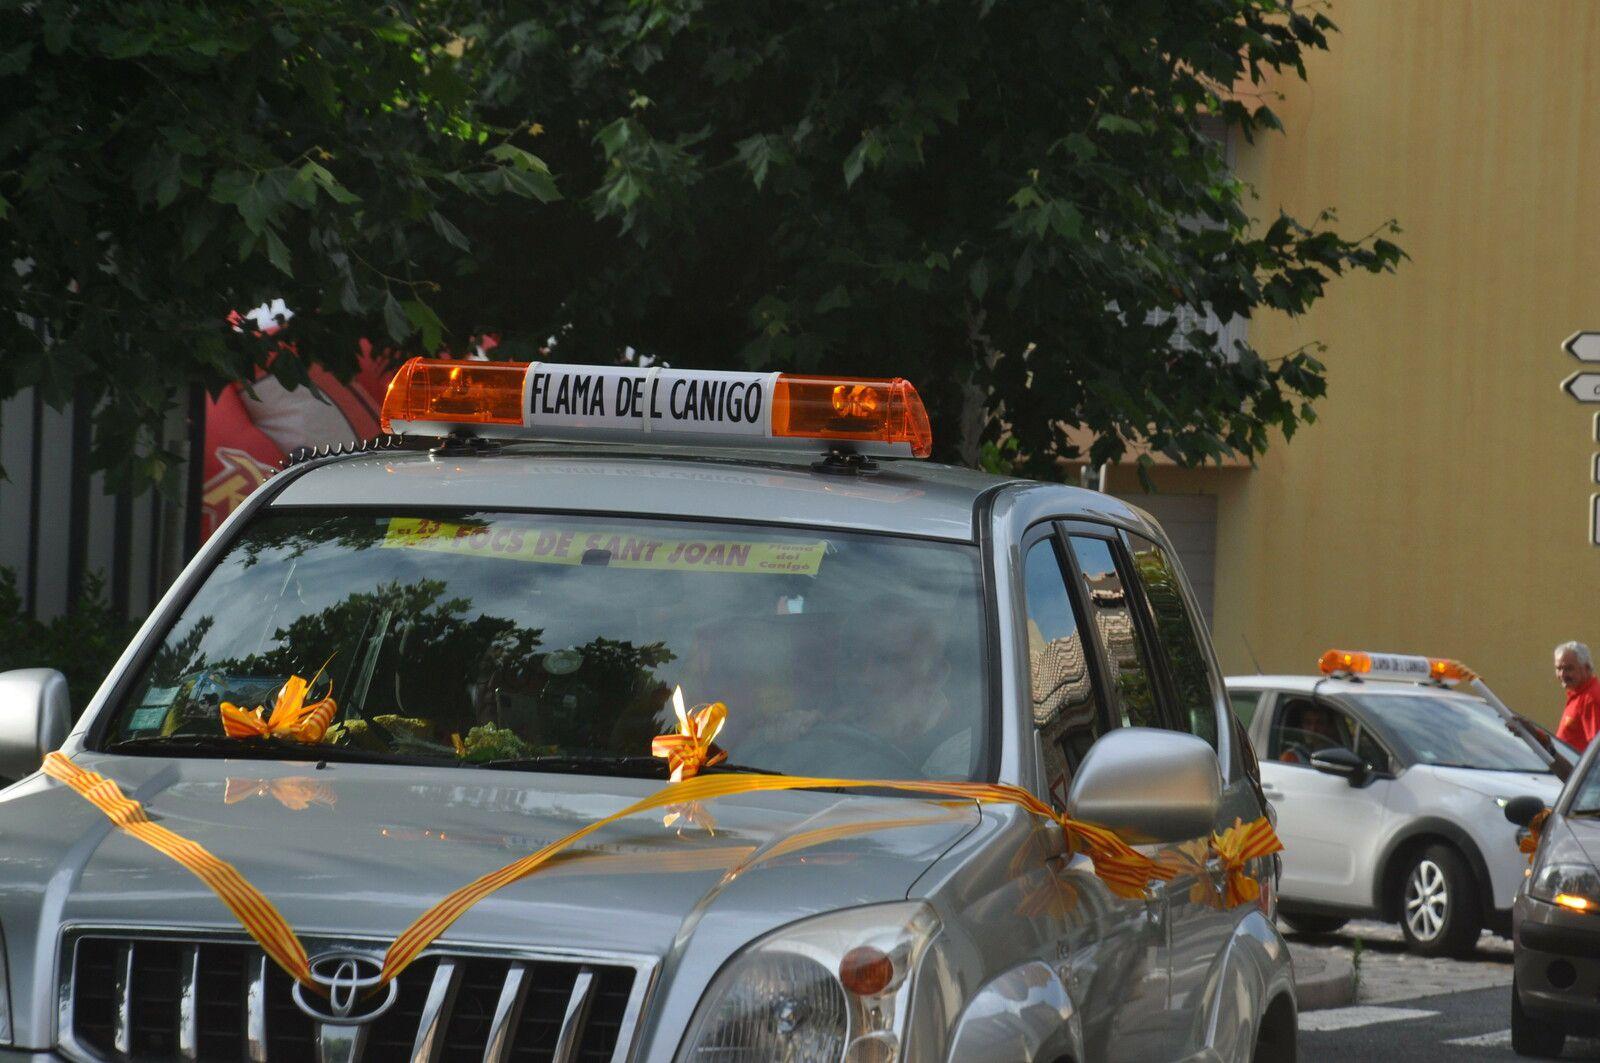 Un convoi de plusieurs voitures pour amener la flamme du Canigou.